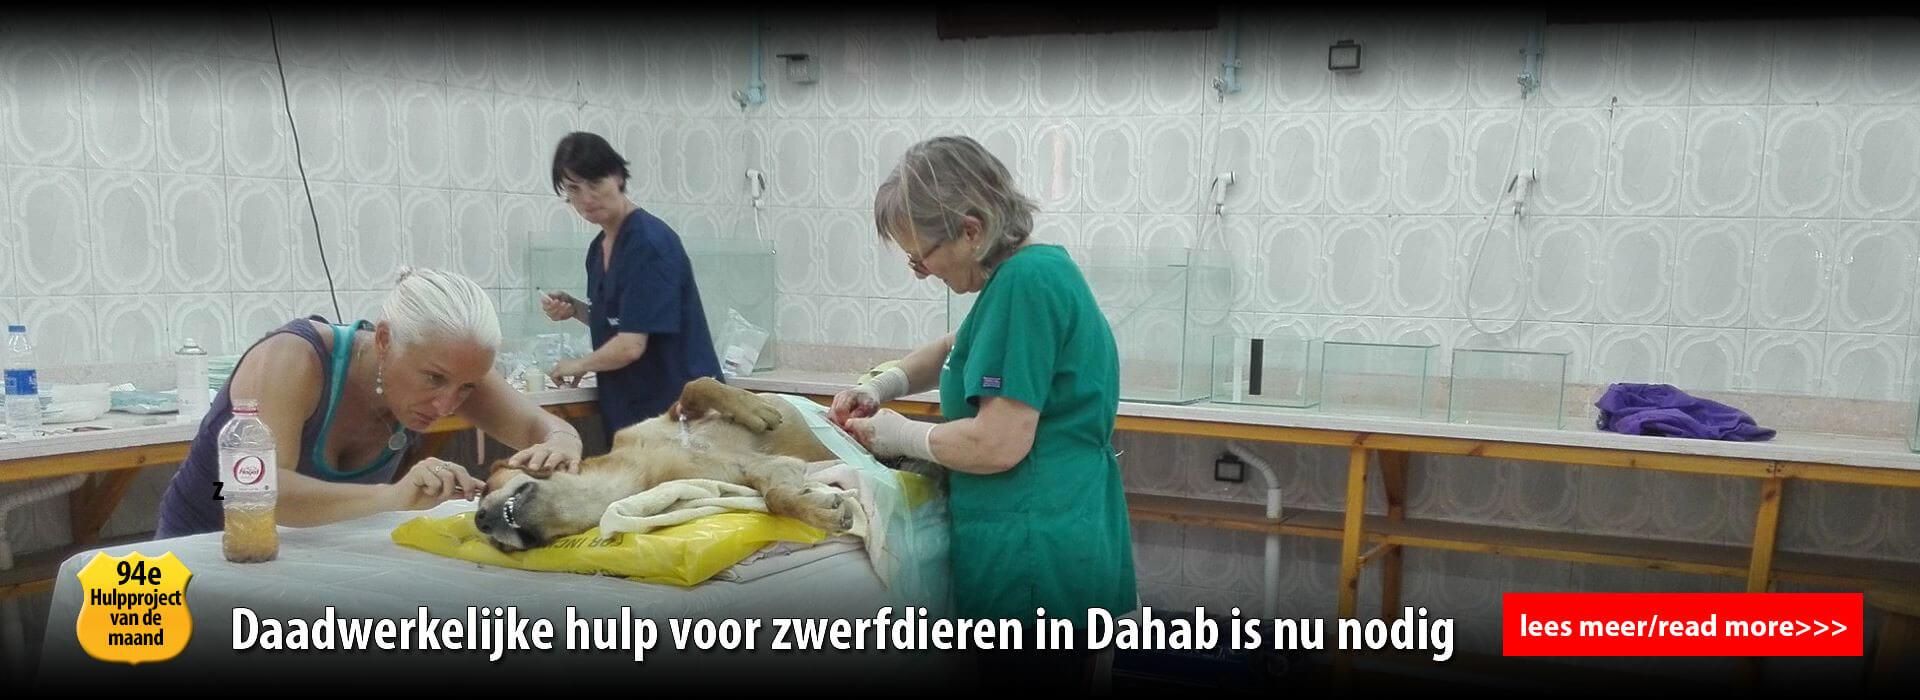 diashow dia 5 - operatie 2